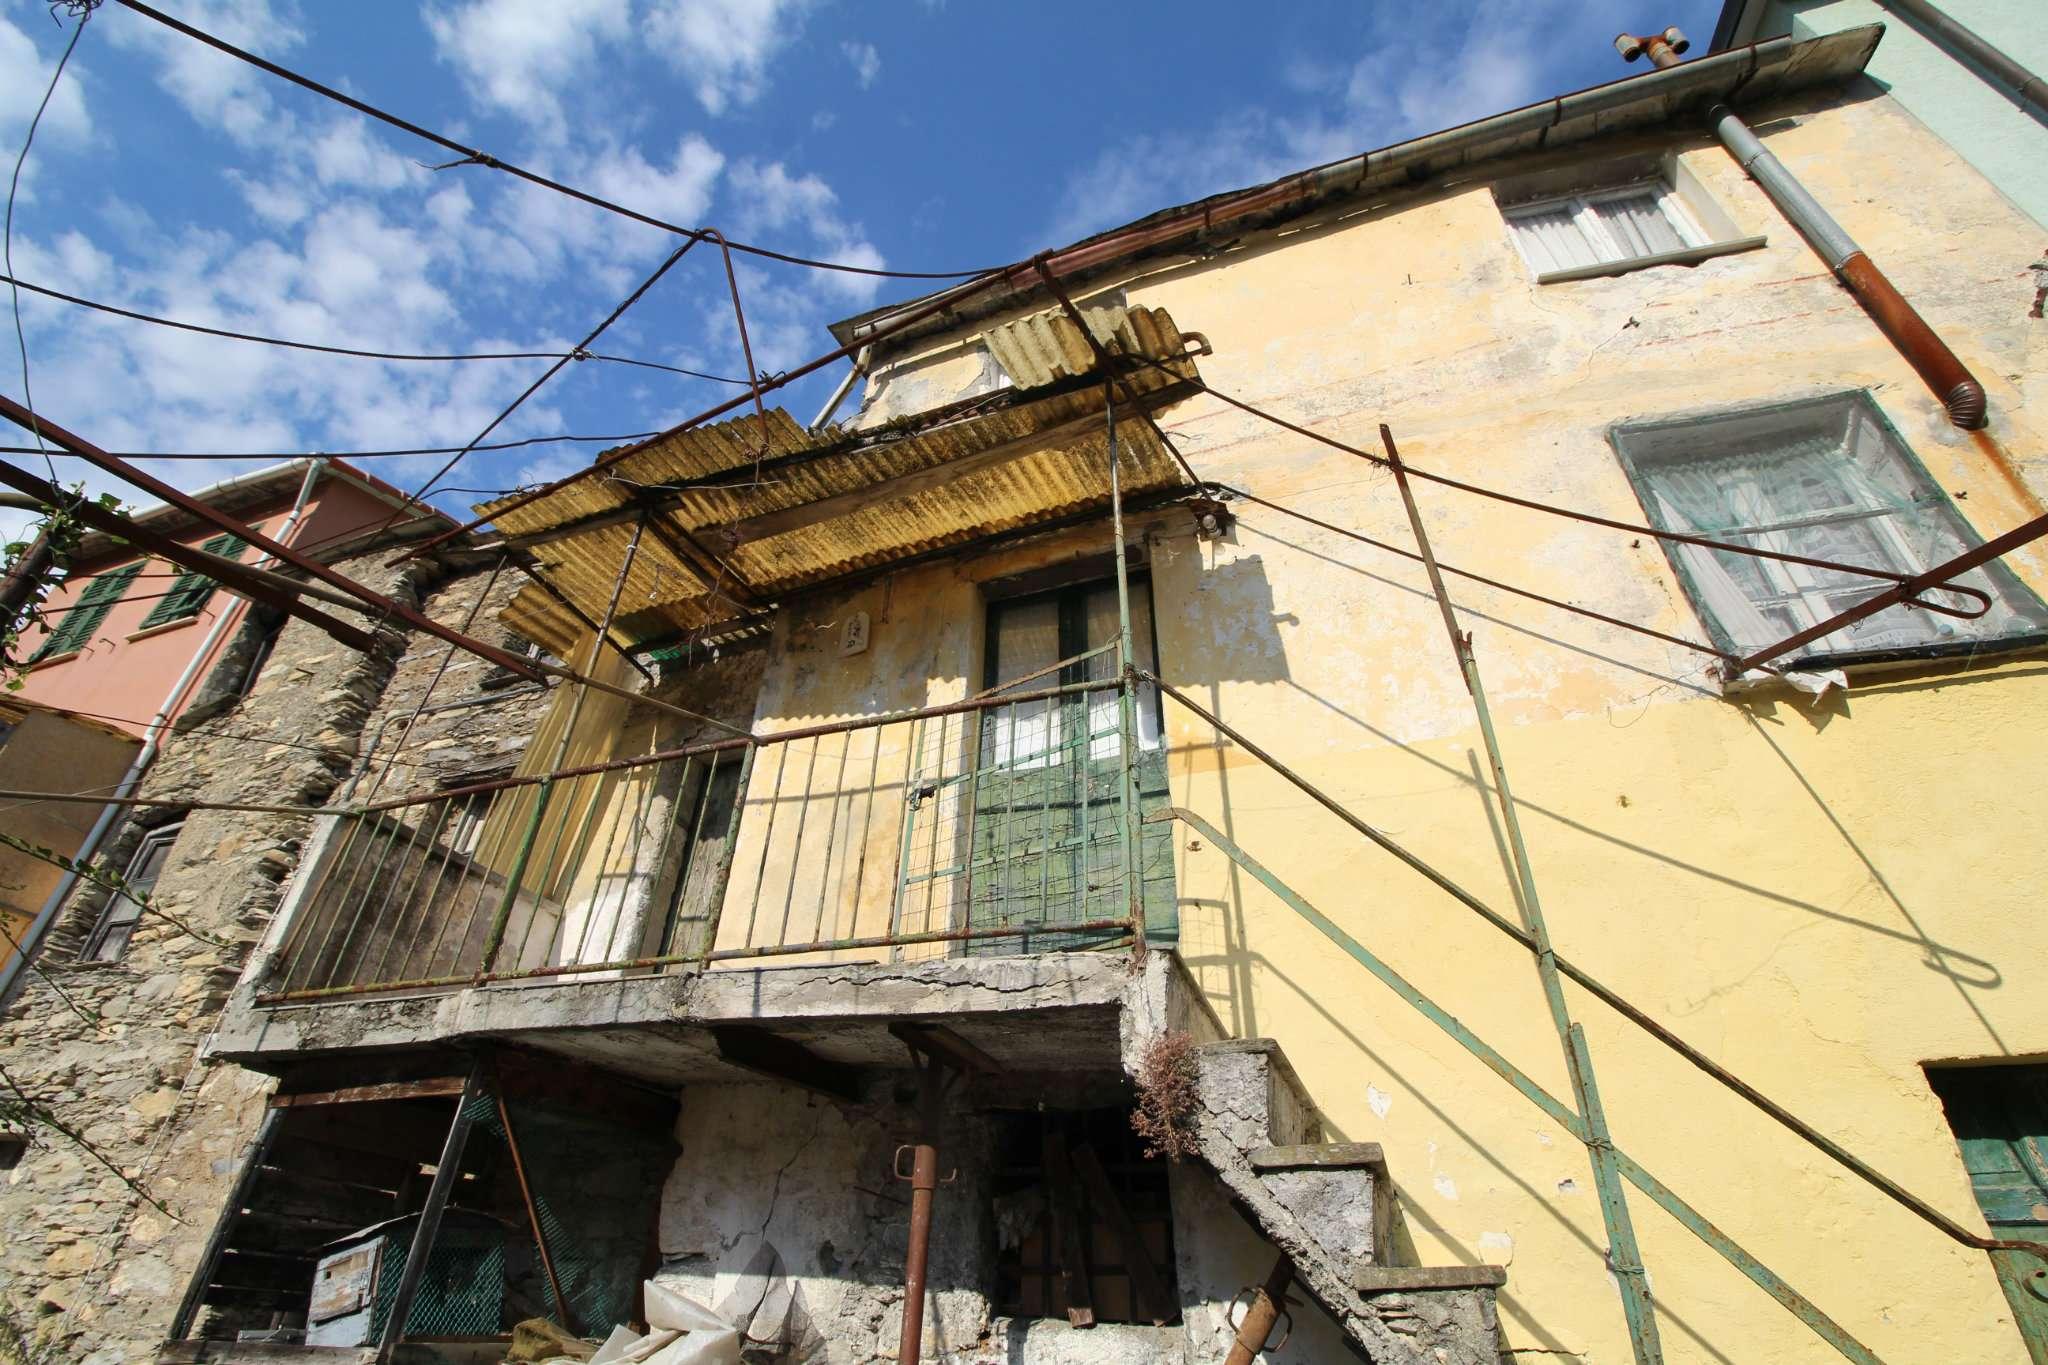 Rustico / Casale in vendita a Sori, 4 locali, prezzo € 20.000 | PortaleAgenzieImmobiliari.it